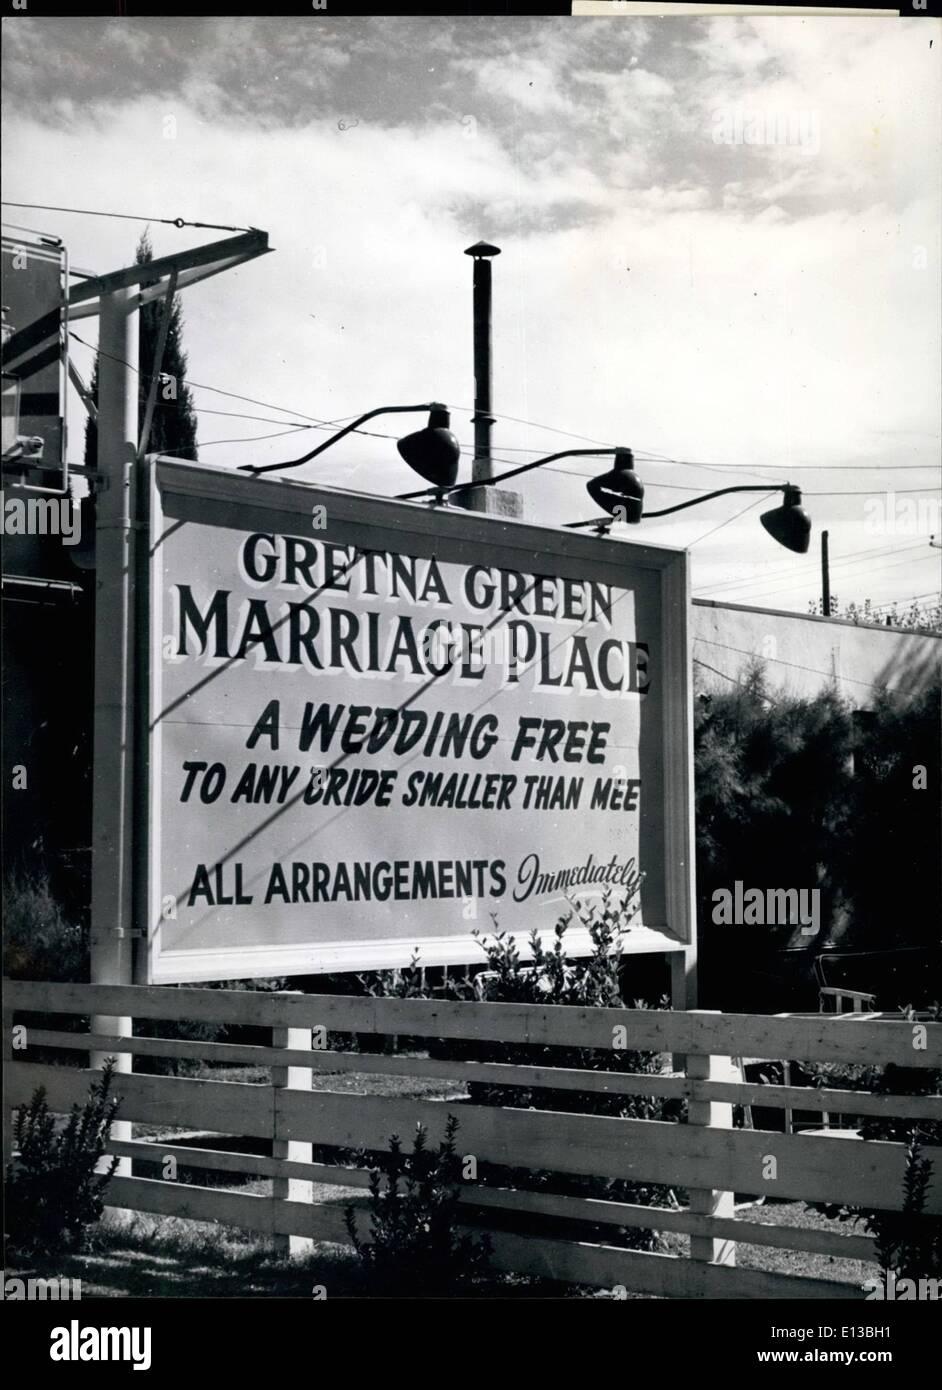 Matchmaking mit Namen fГјr die Ehe